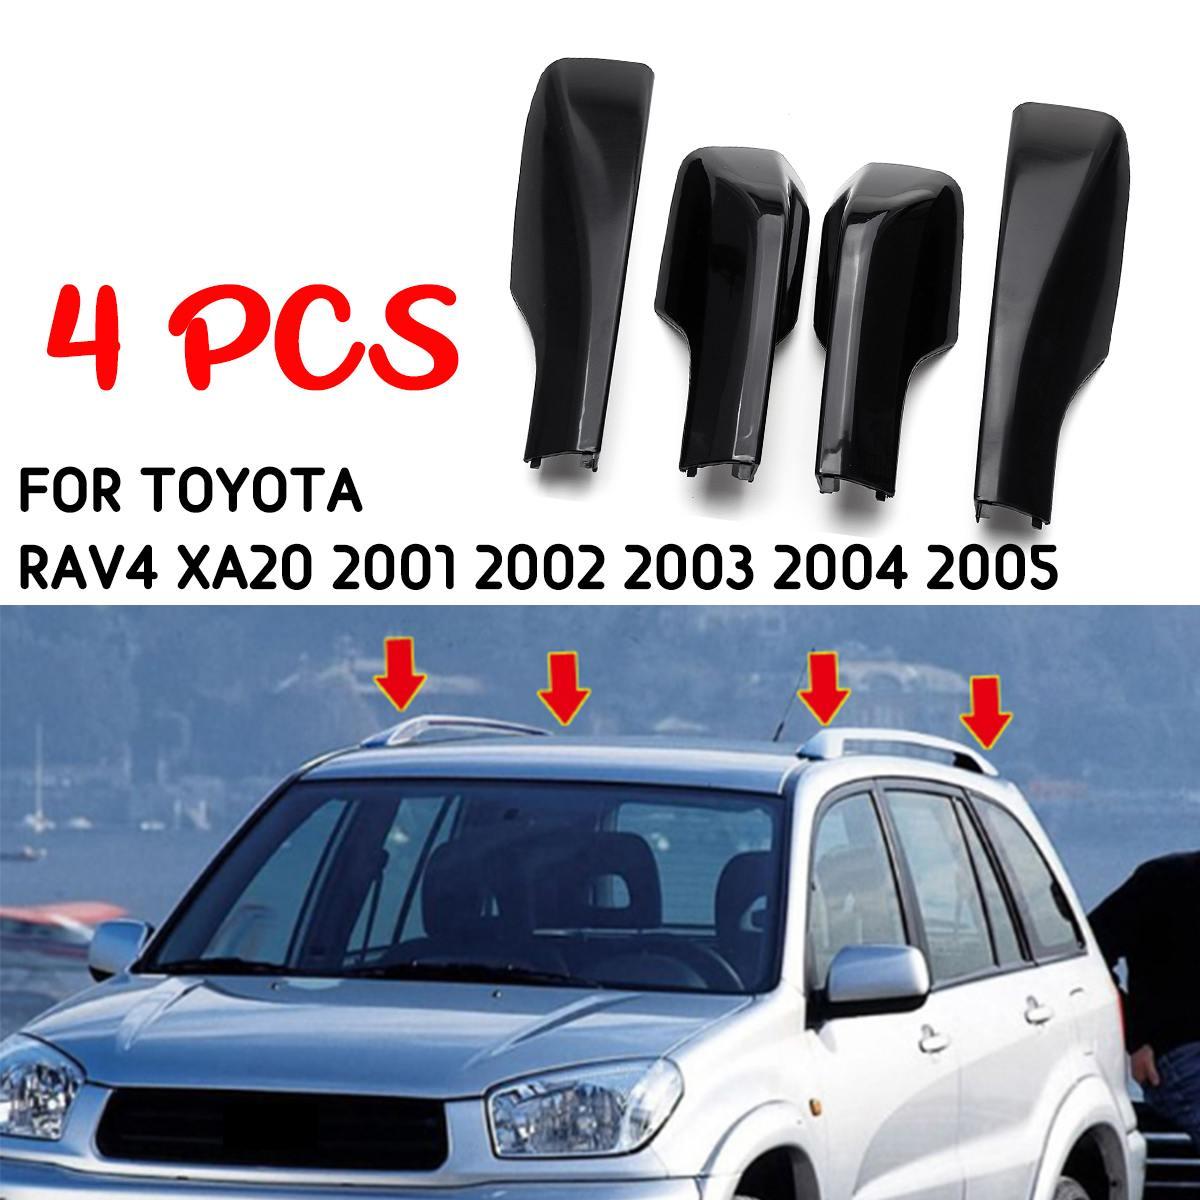 4 Uds reemplazo para Toyota RAV4 XA20 2001 2002 2003 2004 2005 negro para techo de estilo de coche Rack cubierta barra riel extremos accesorios de la cáscara